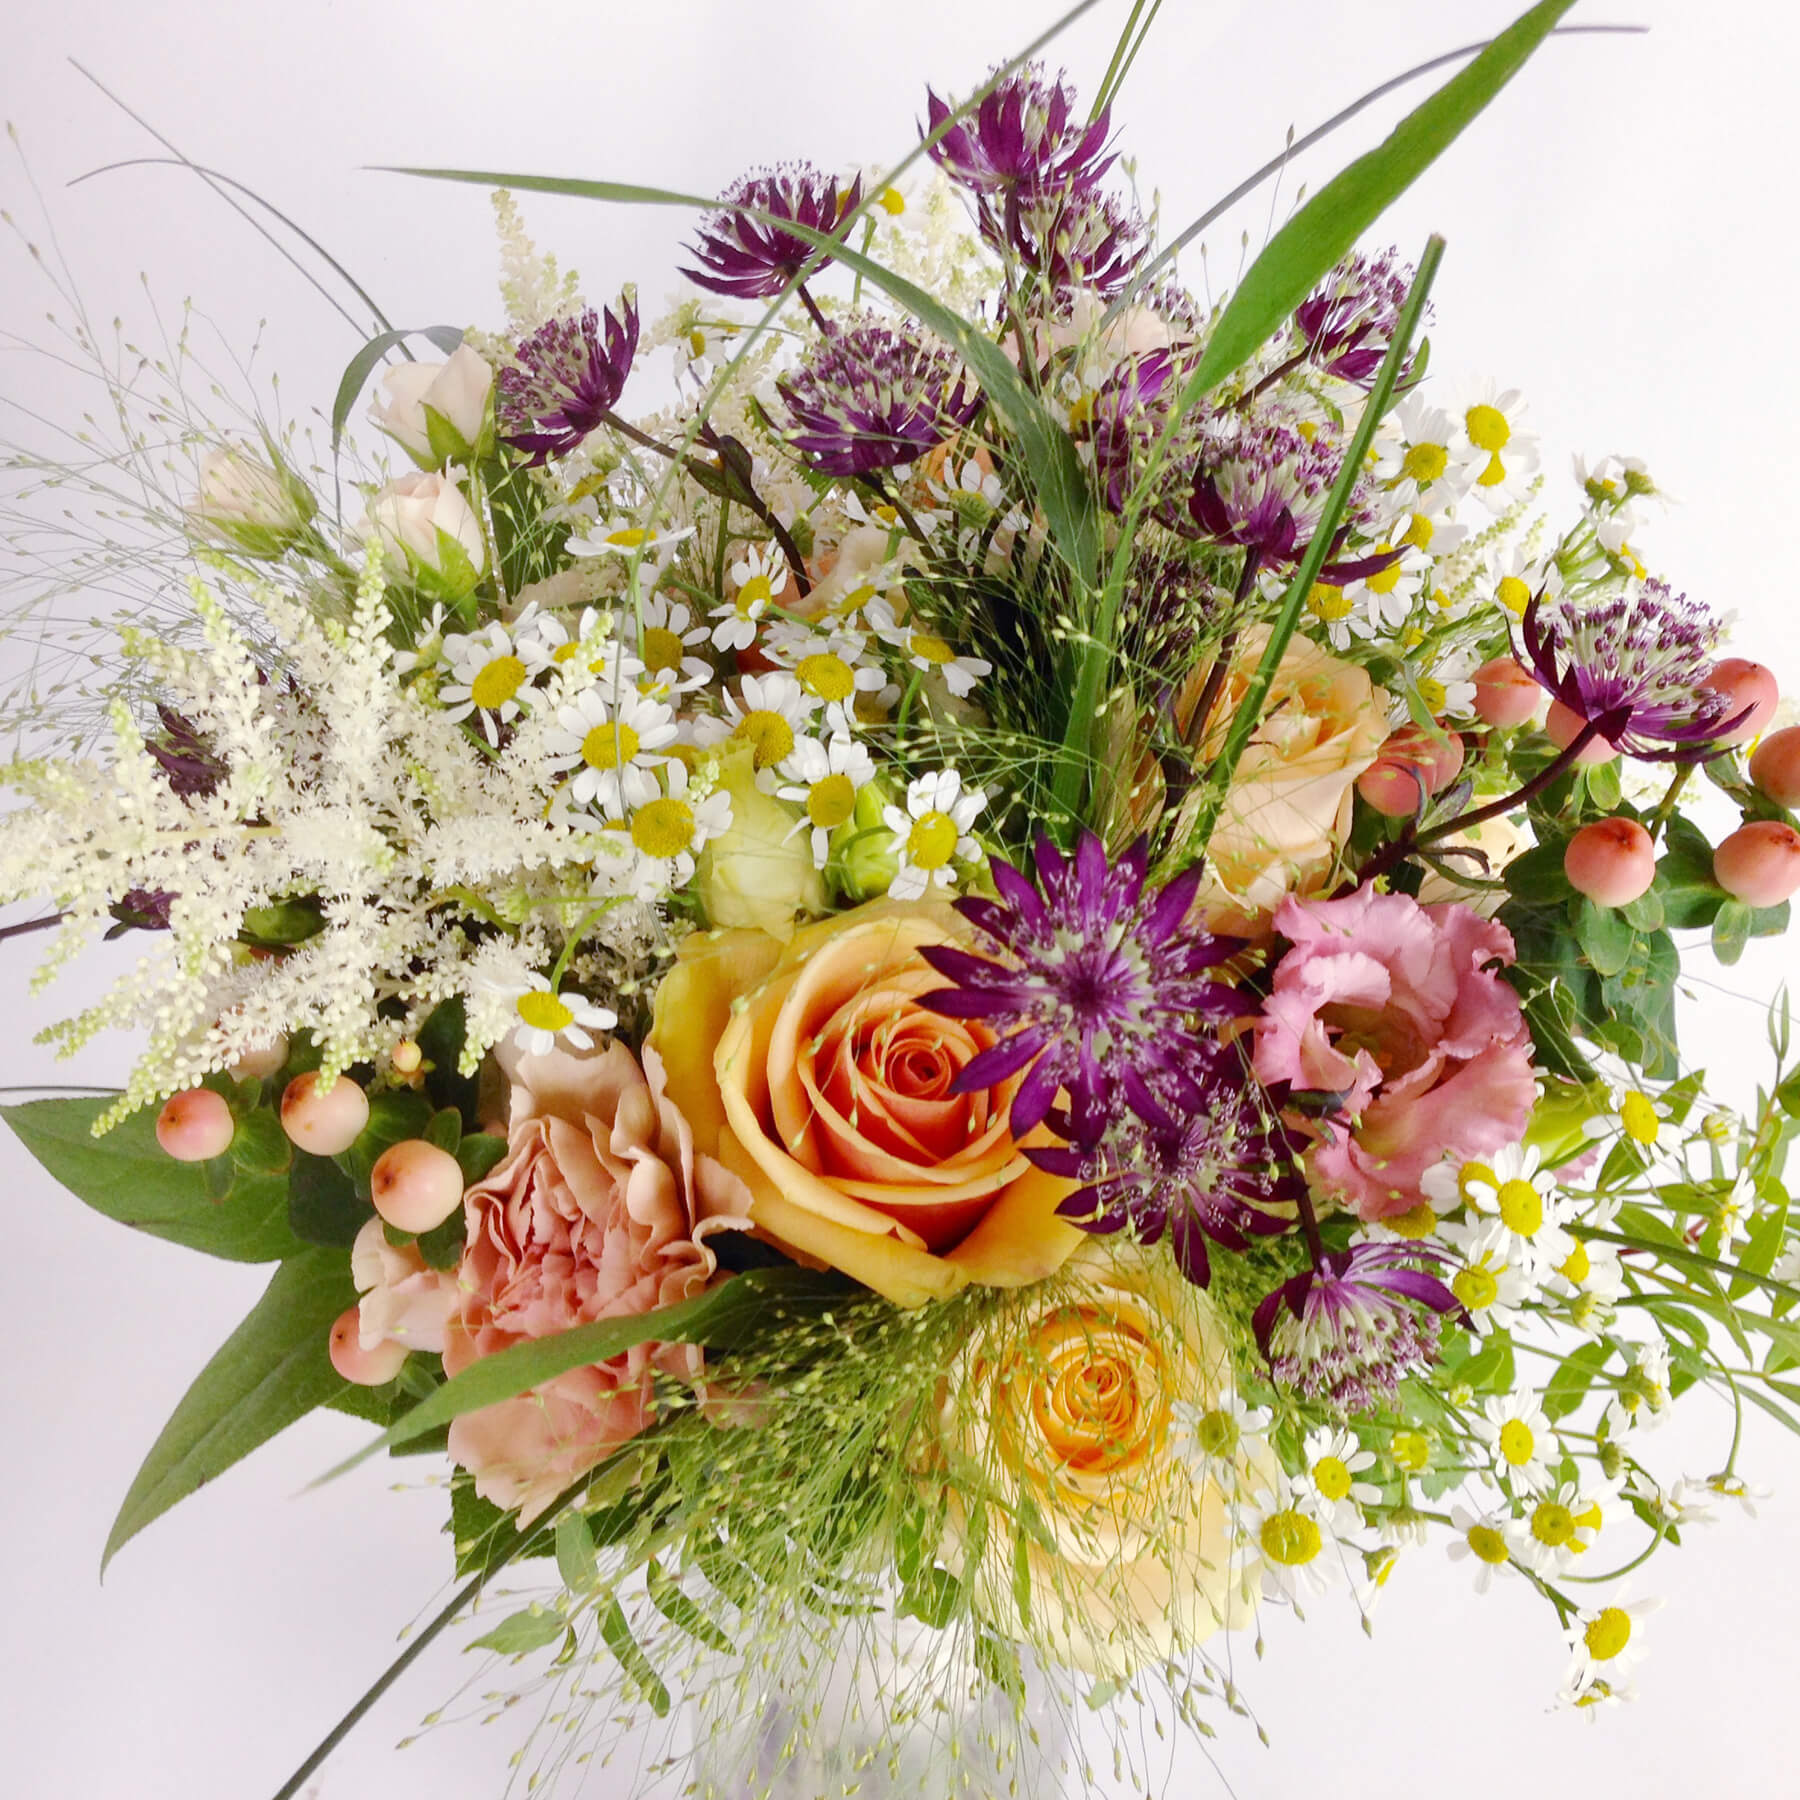 En somrig och härlig bukett med ljusa färger och ängslika blommor.